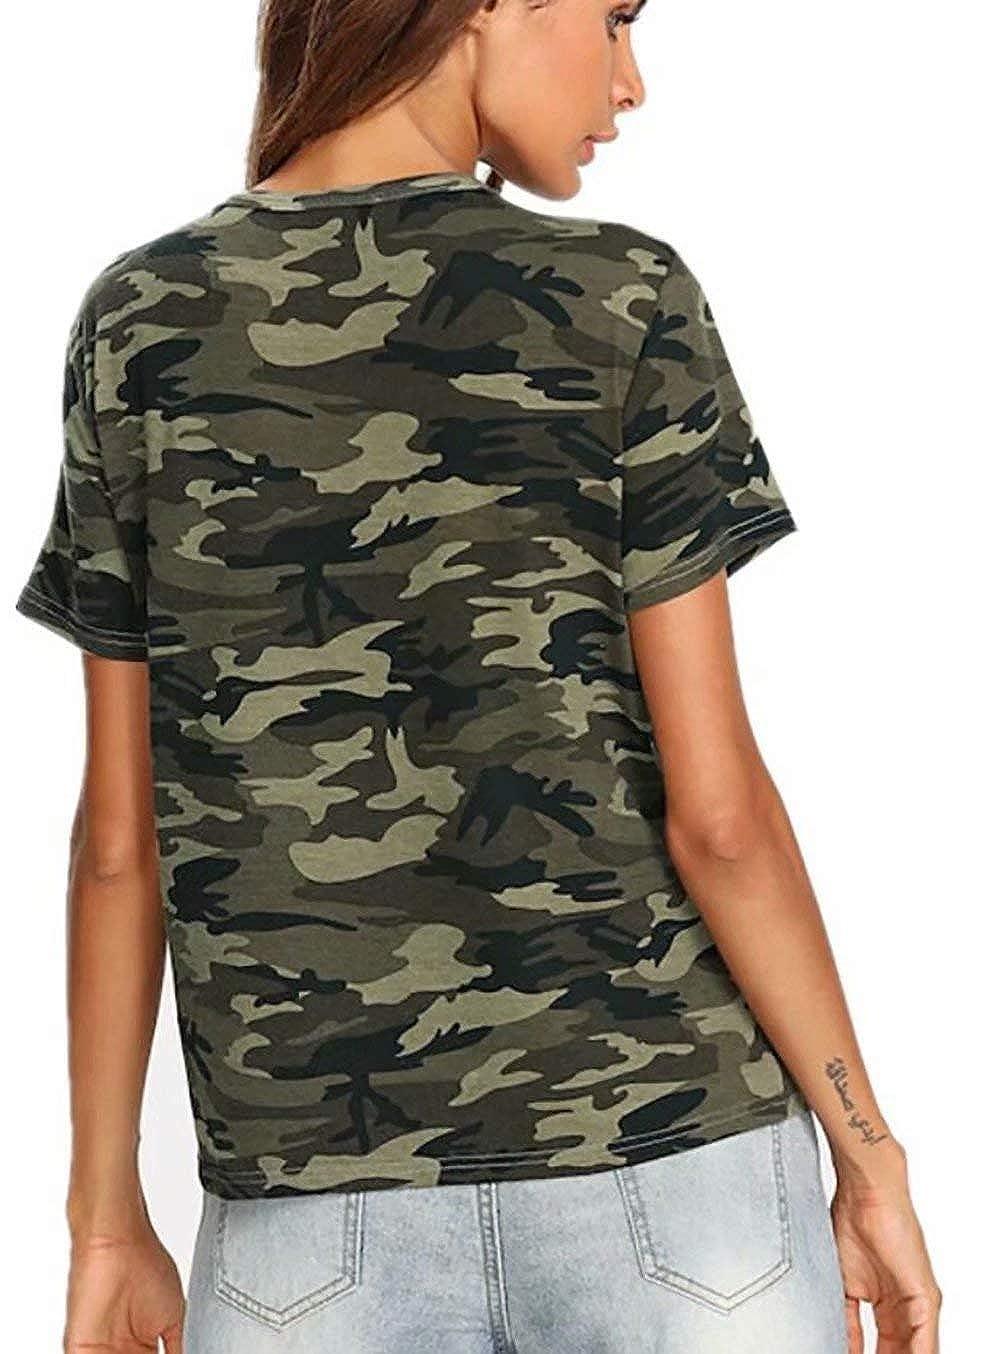 Amazon.com: Camo camiseta de encaje para mujer con estampado ...